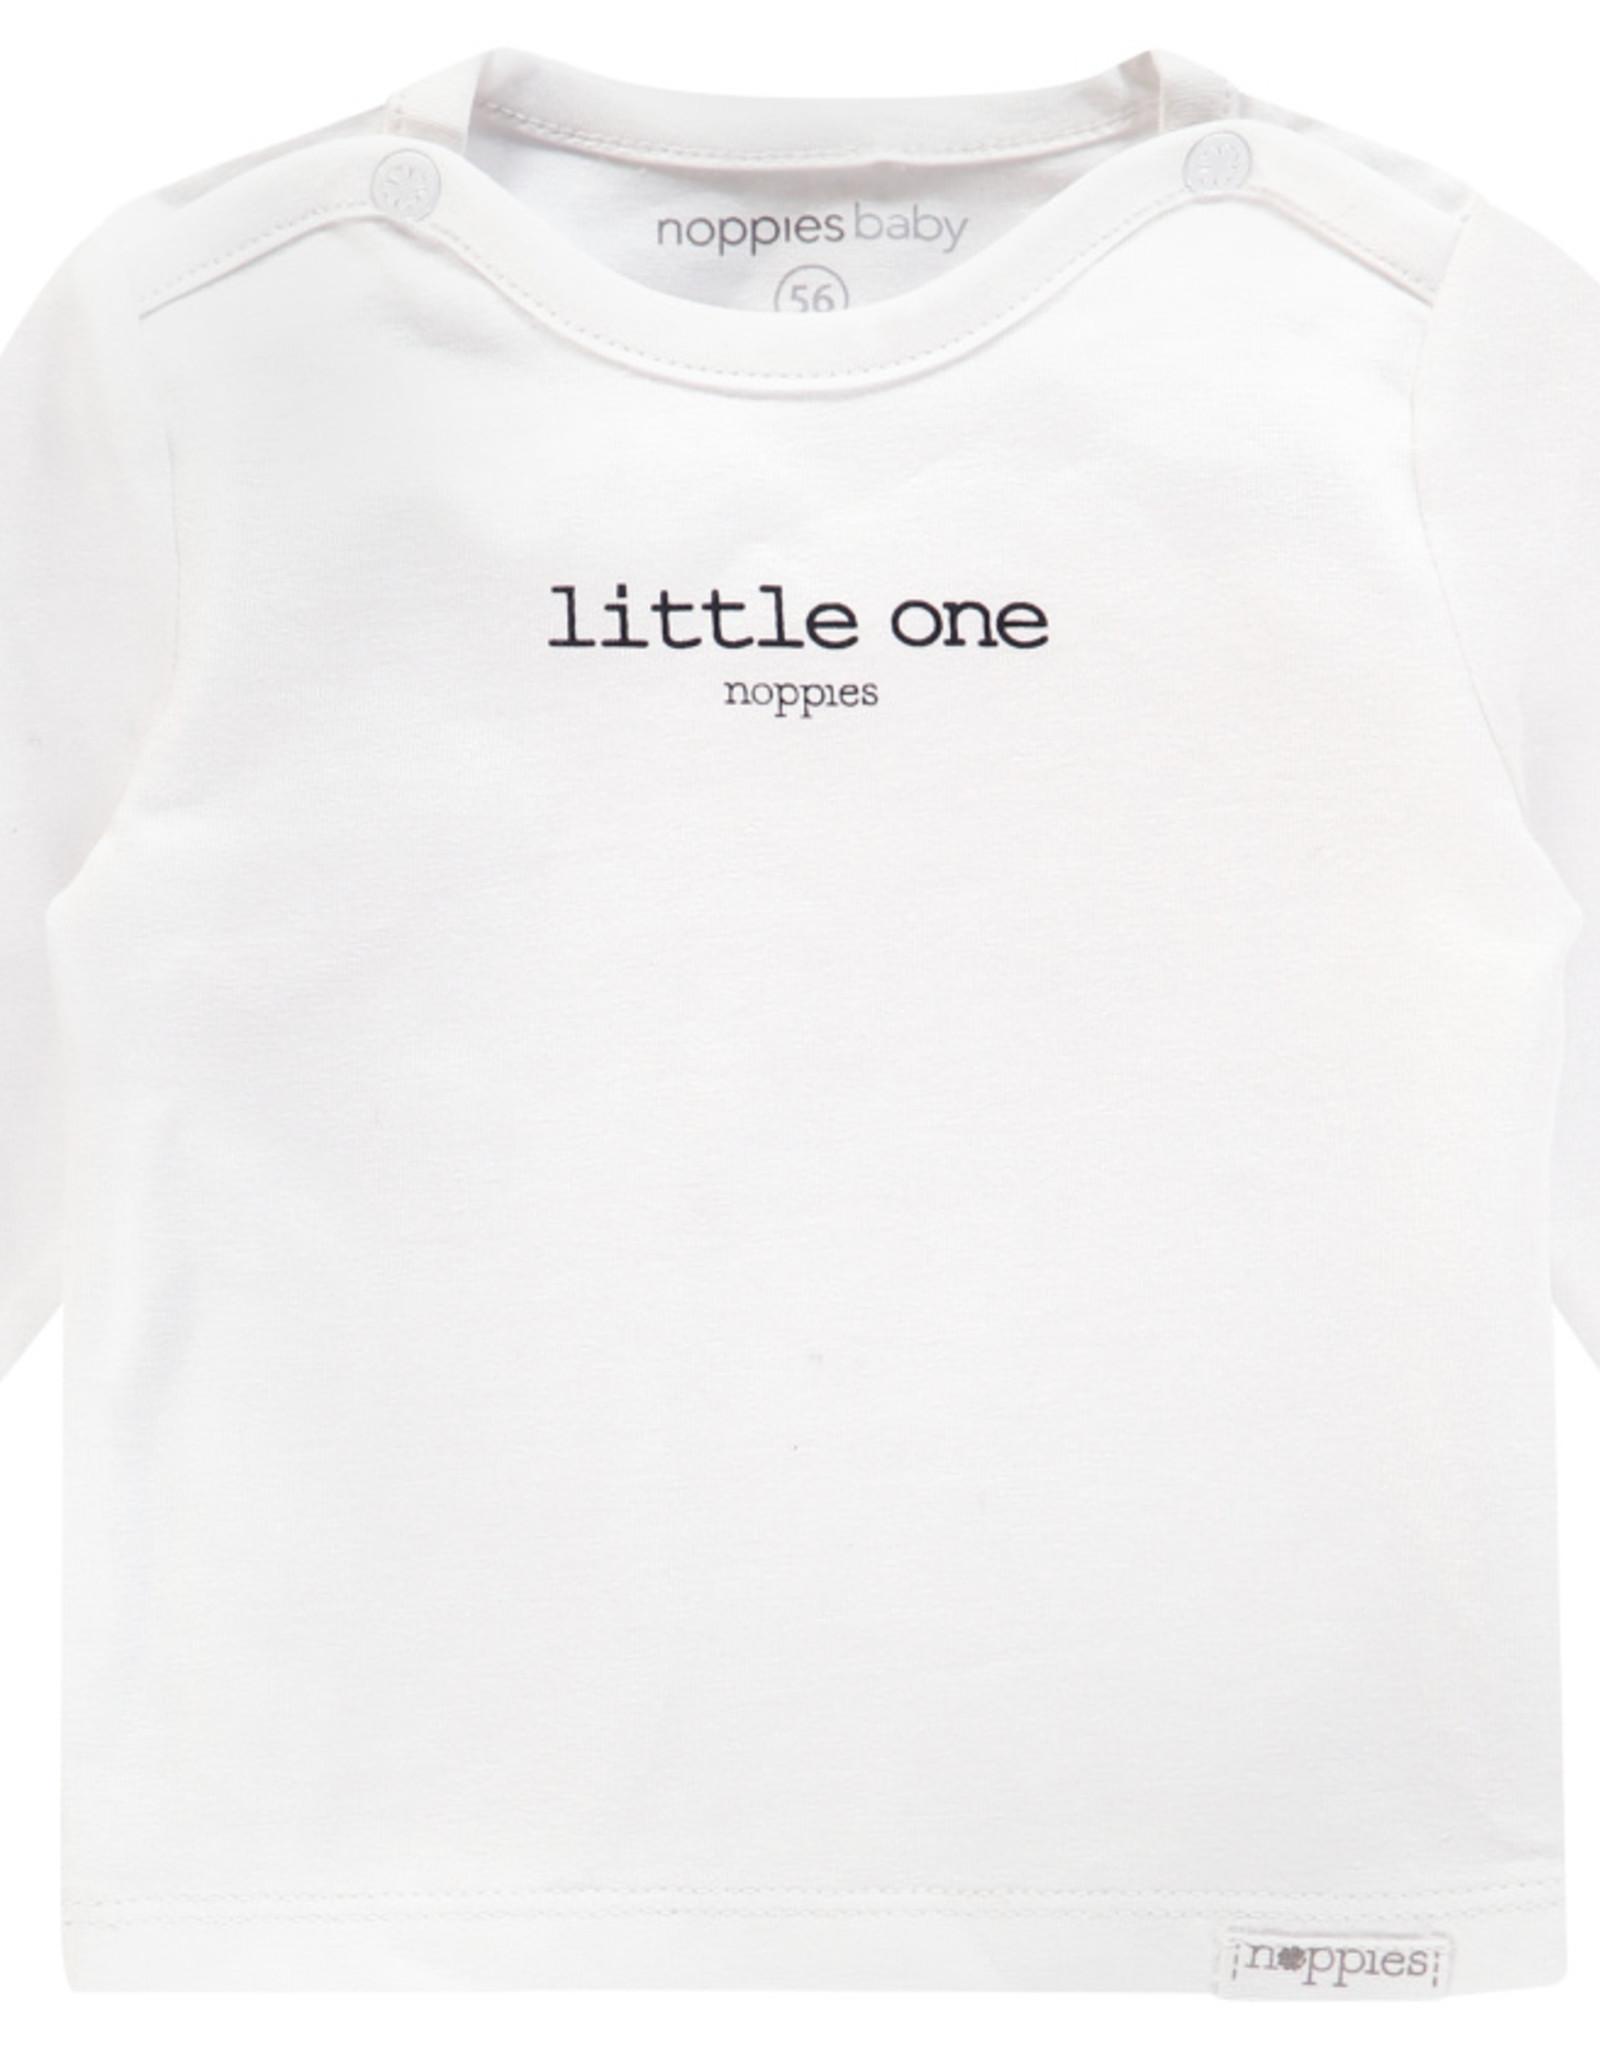 Noppies Noppies Wit Shirt Met Opdruk 'little one'